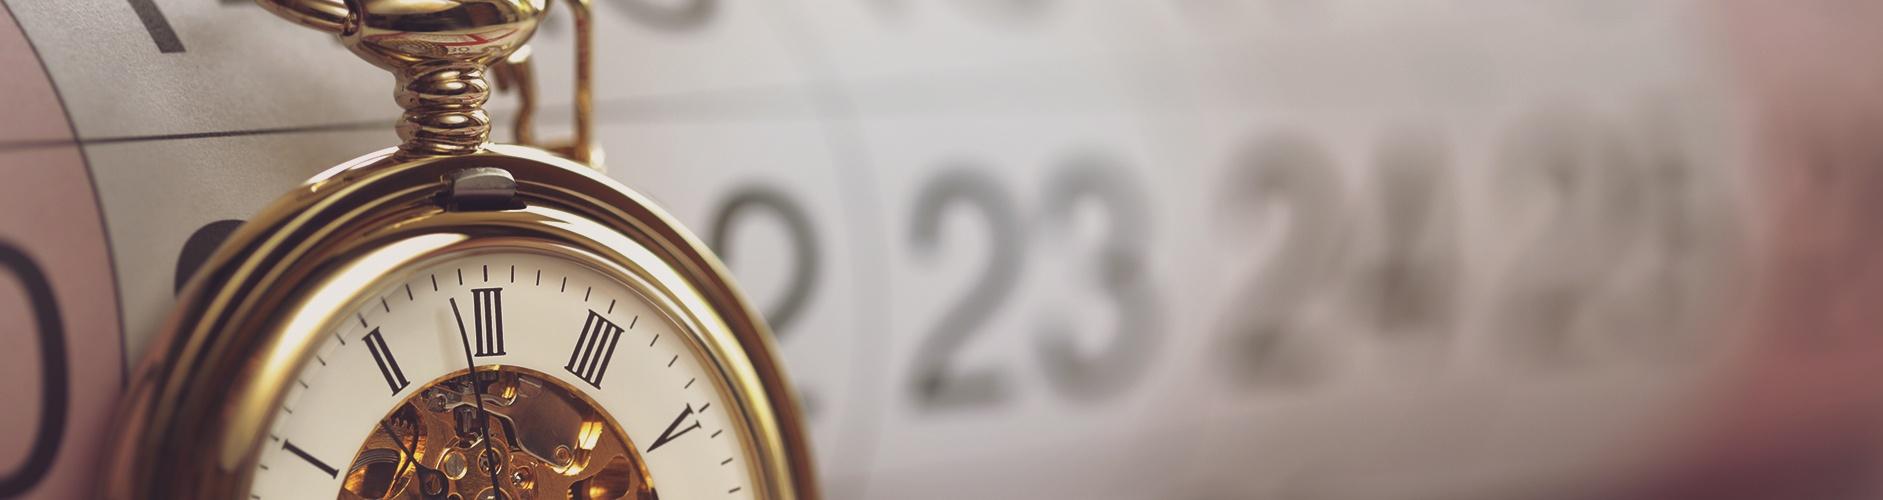 Time management blog image-1.jpg